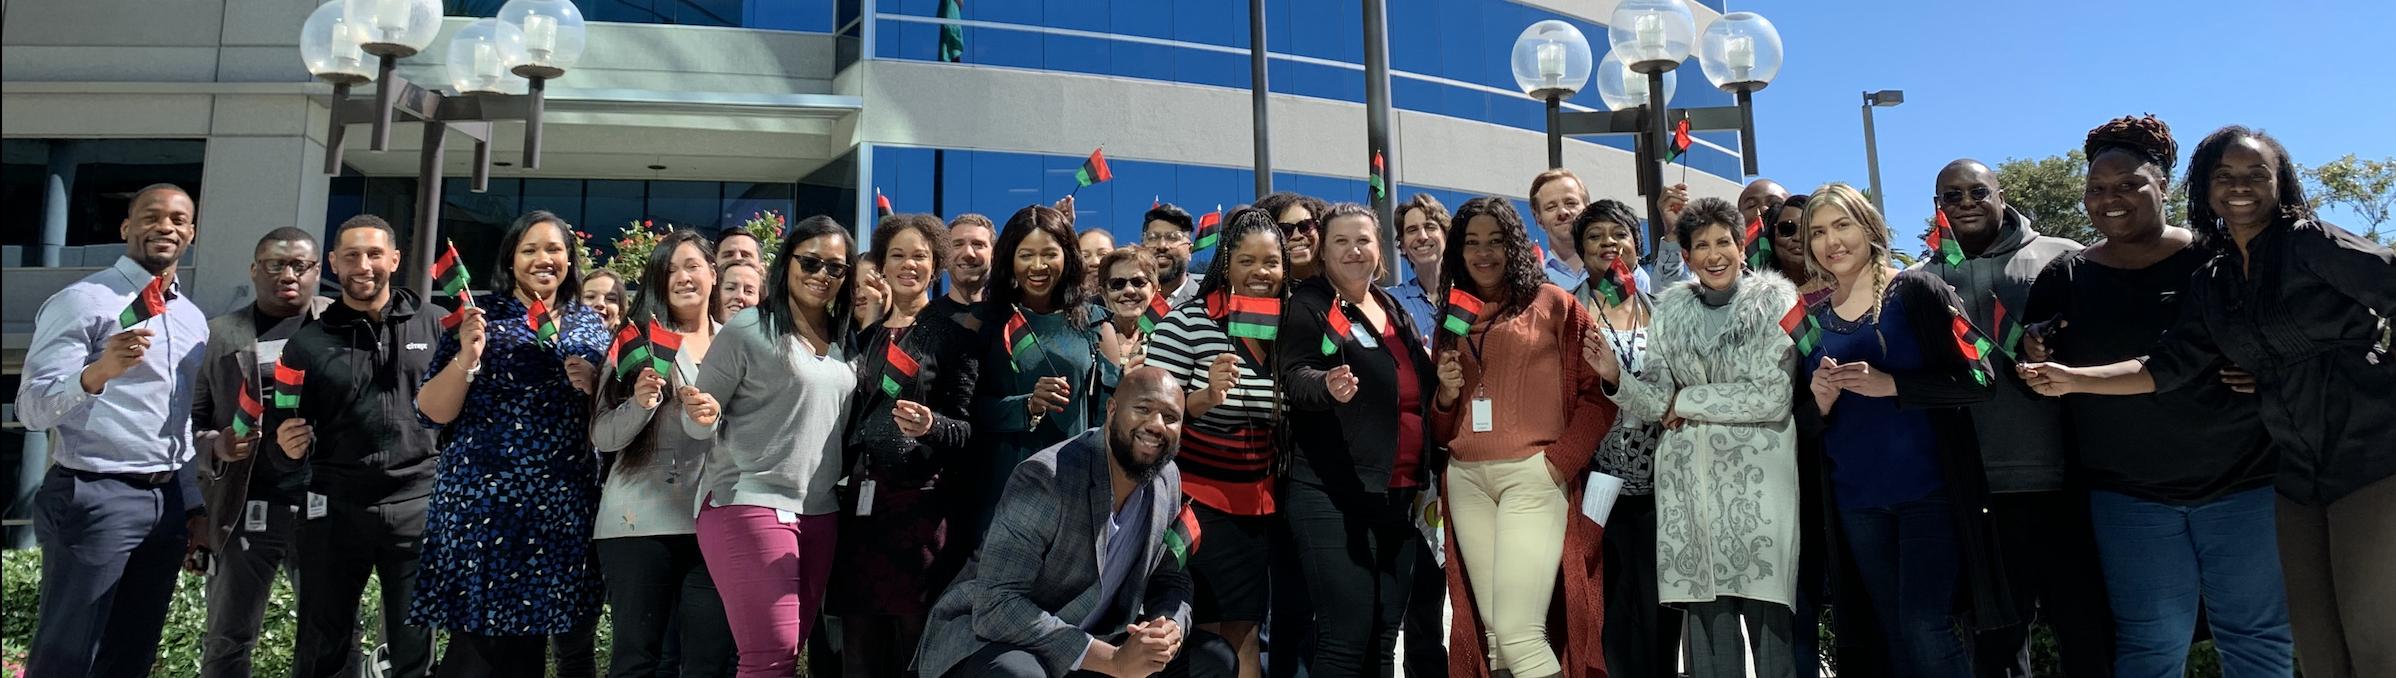 Black Professionals Network at Citrix